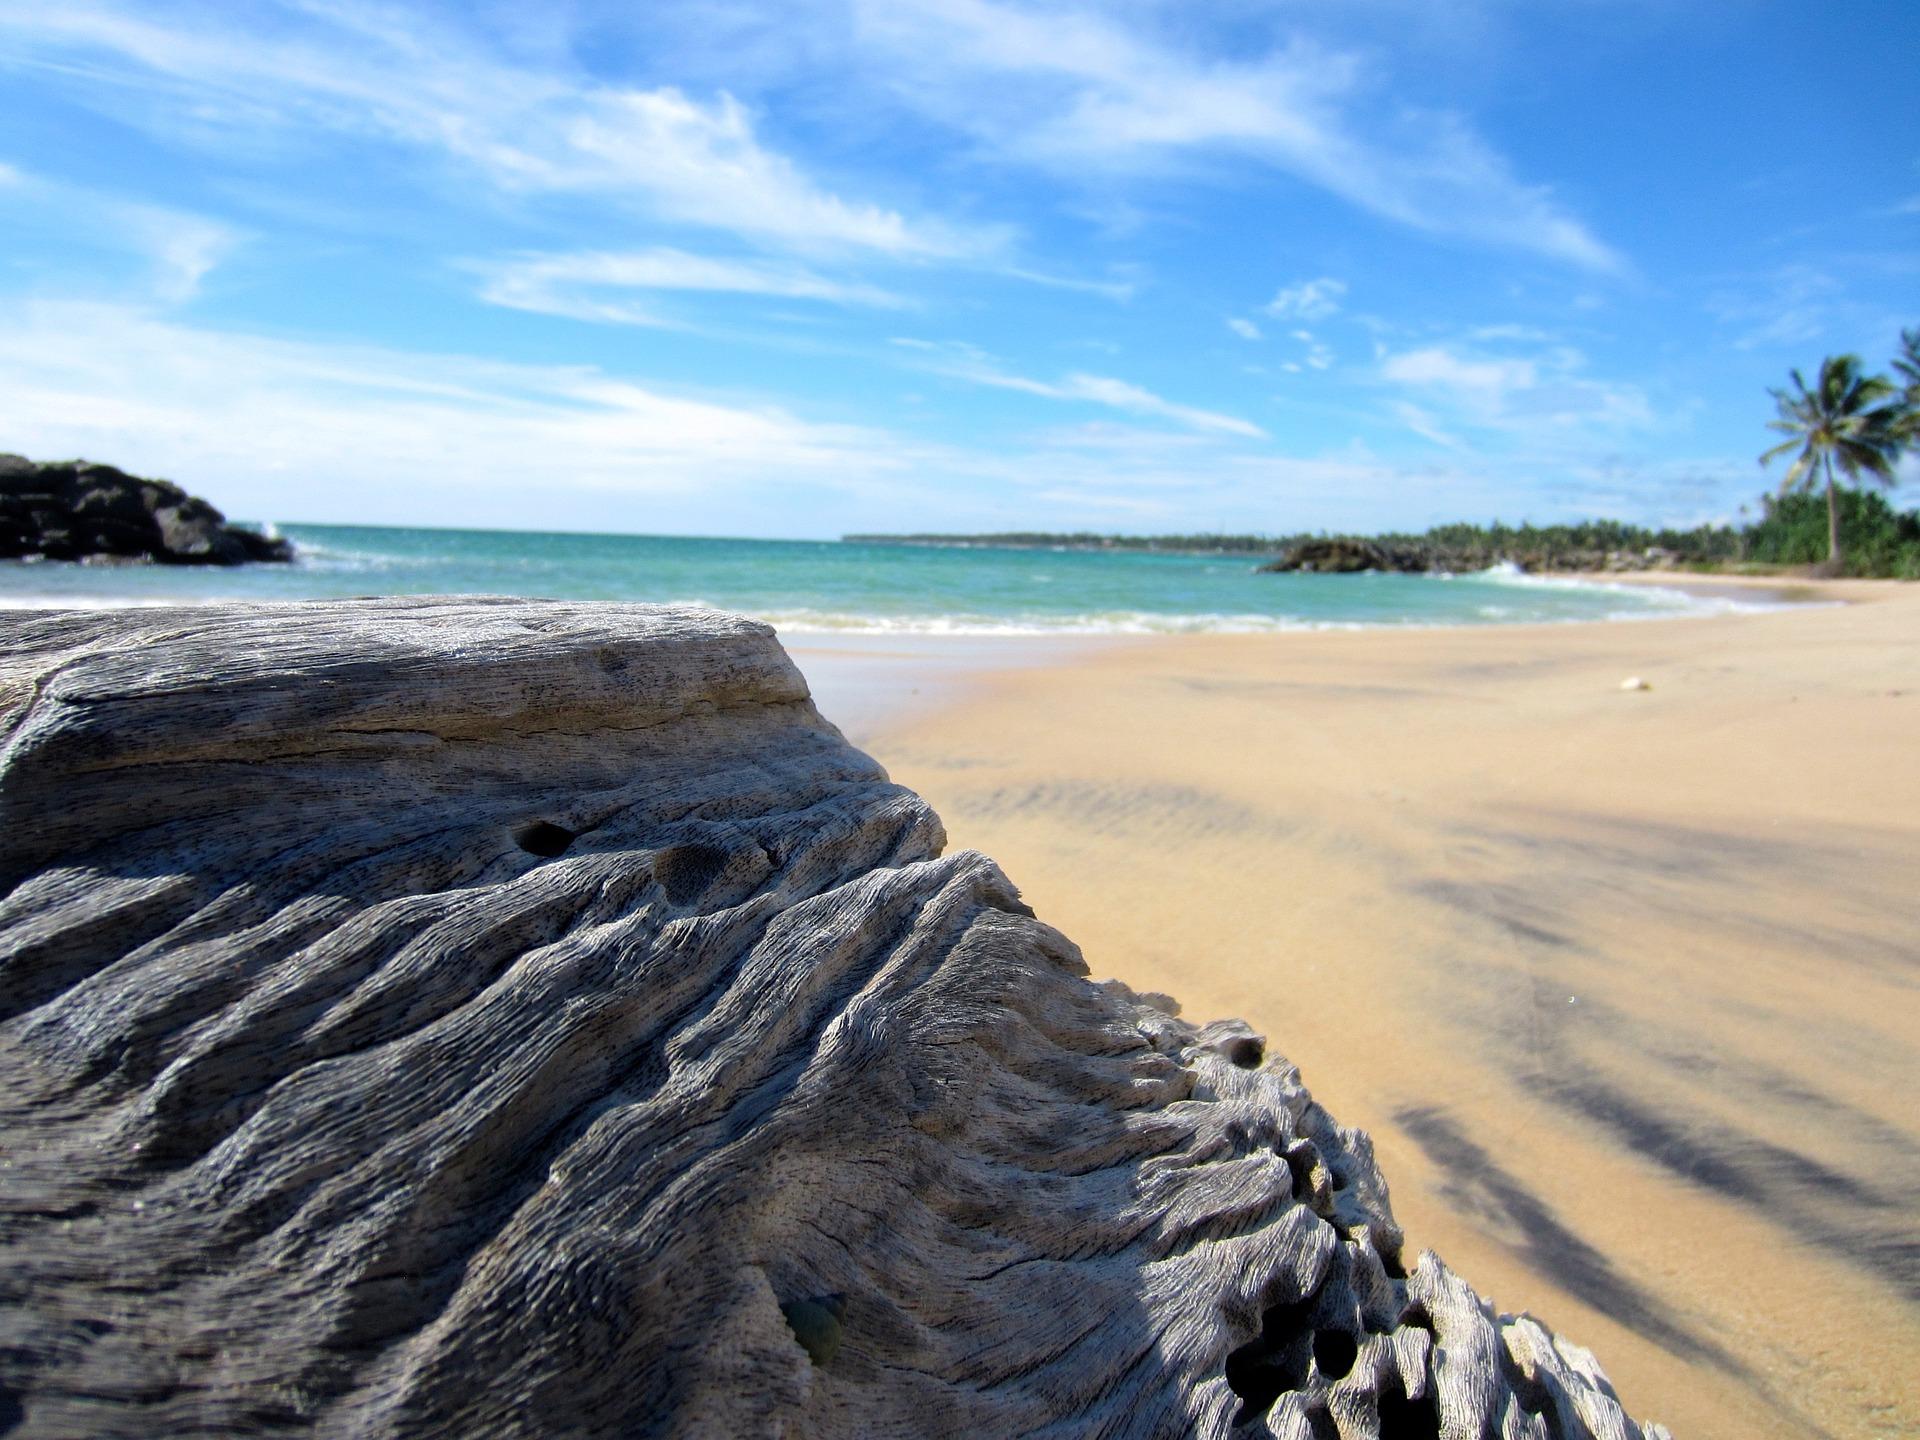 günstigsten Urlaubdeals im indischen Ozean günstigsten Deals 2019 - im Überblick 3 Wochen Sri Lanka All Inclusive unter 1300,00€